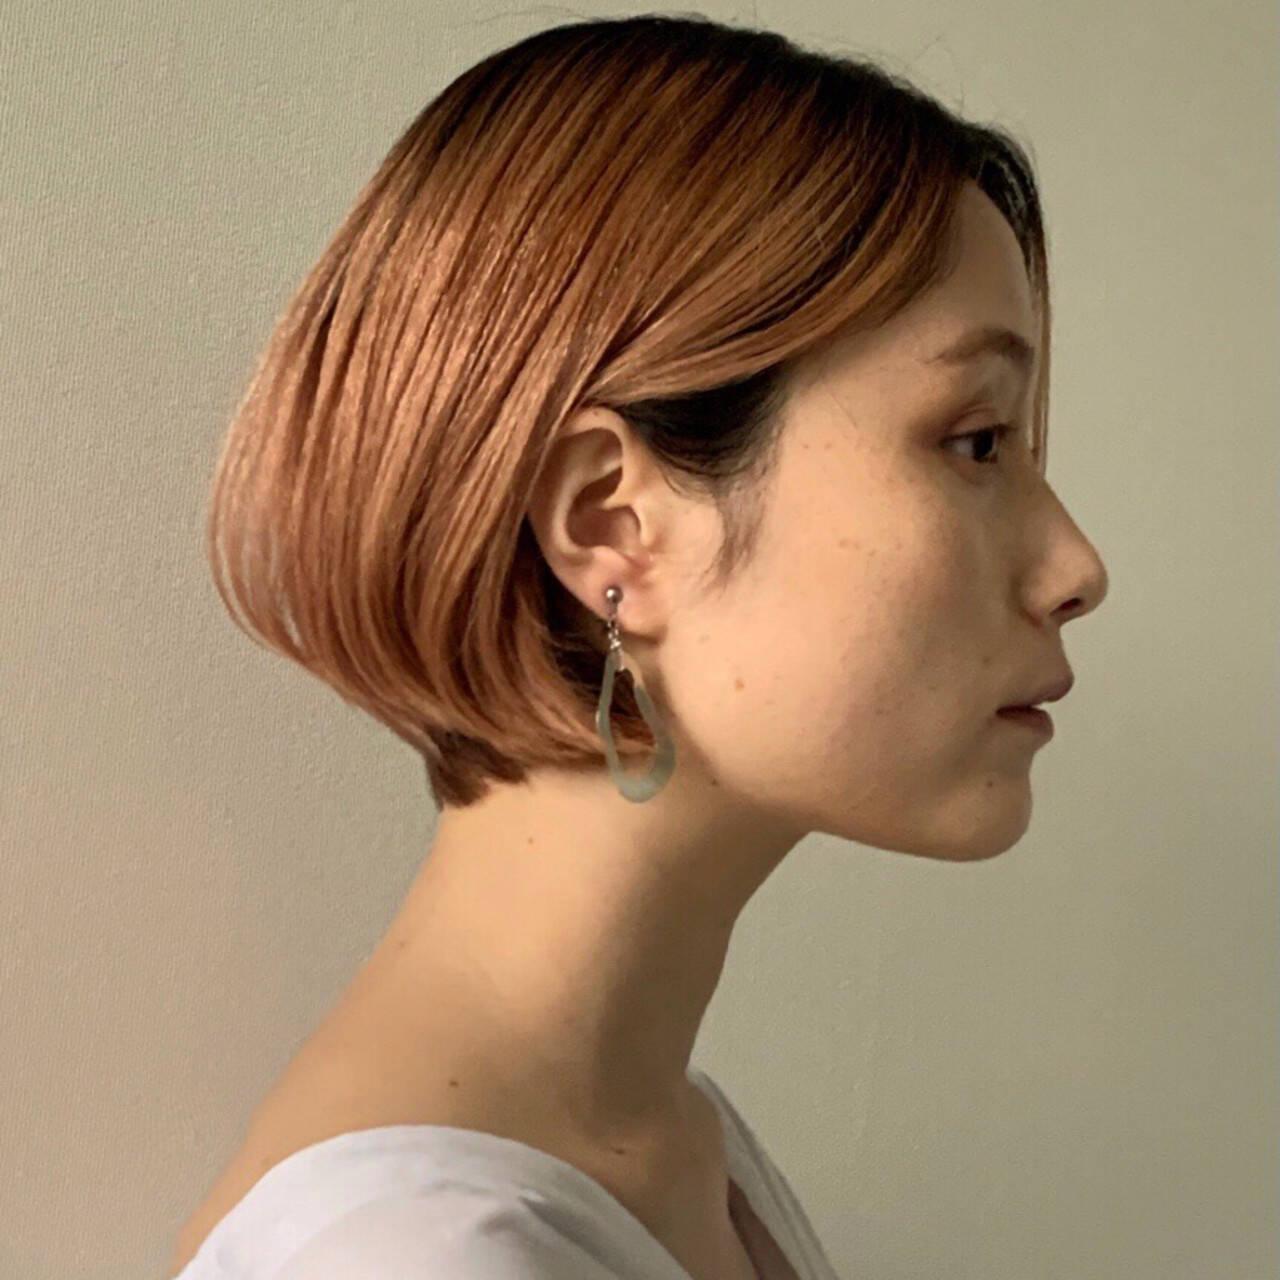 ブリーチカラー モード ハイトーンカラー 大人かわいいヘアスタイルや髪型の写真・画像